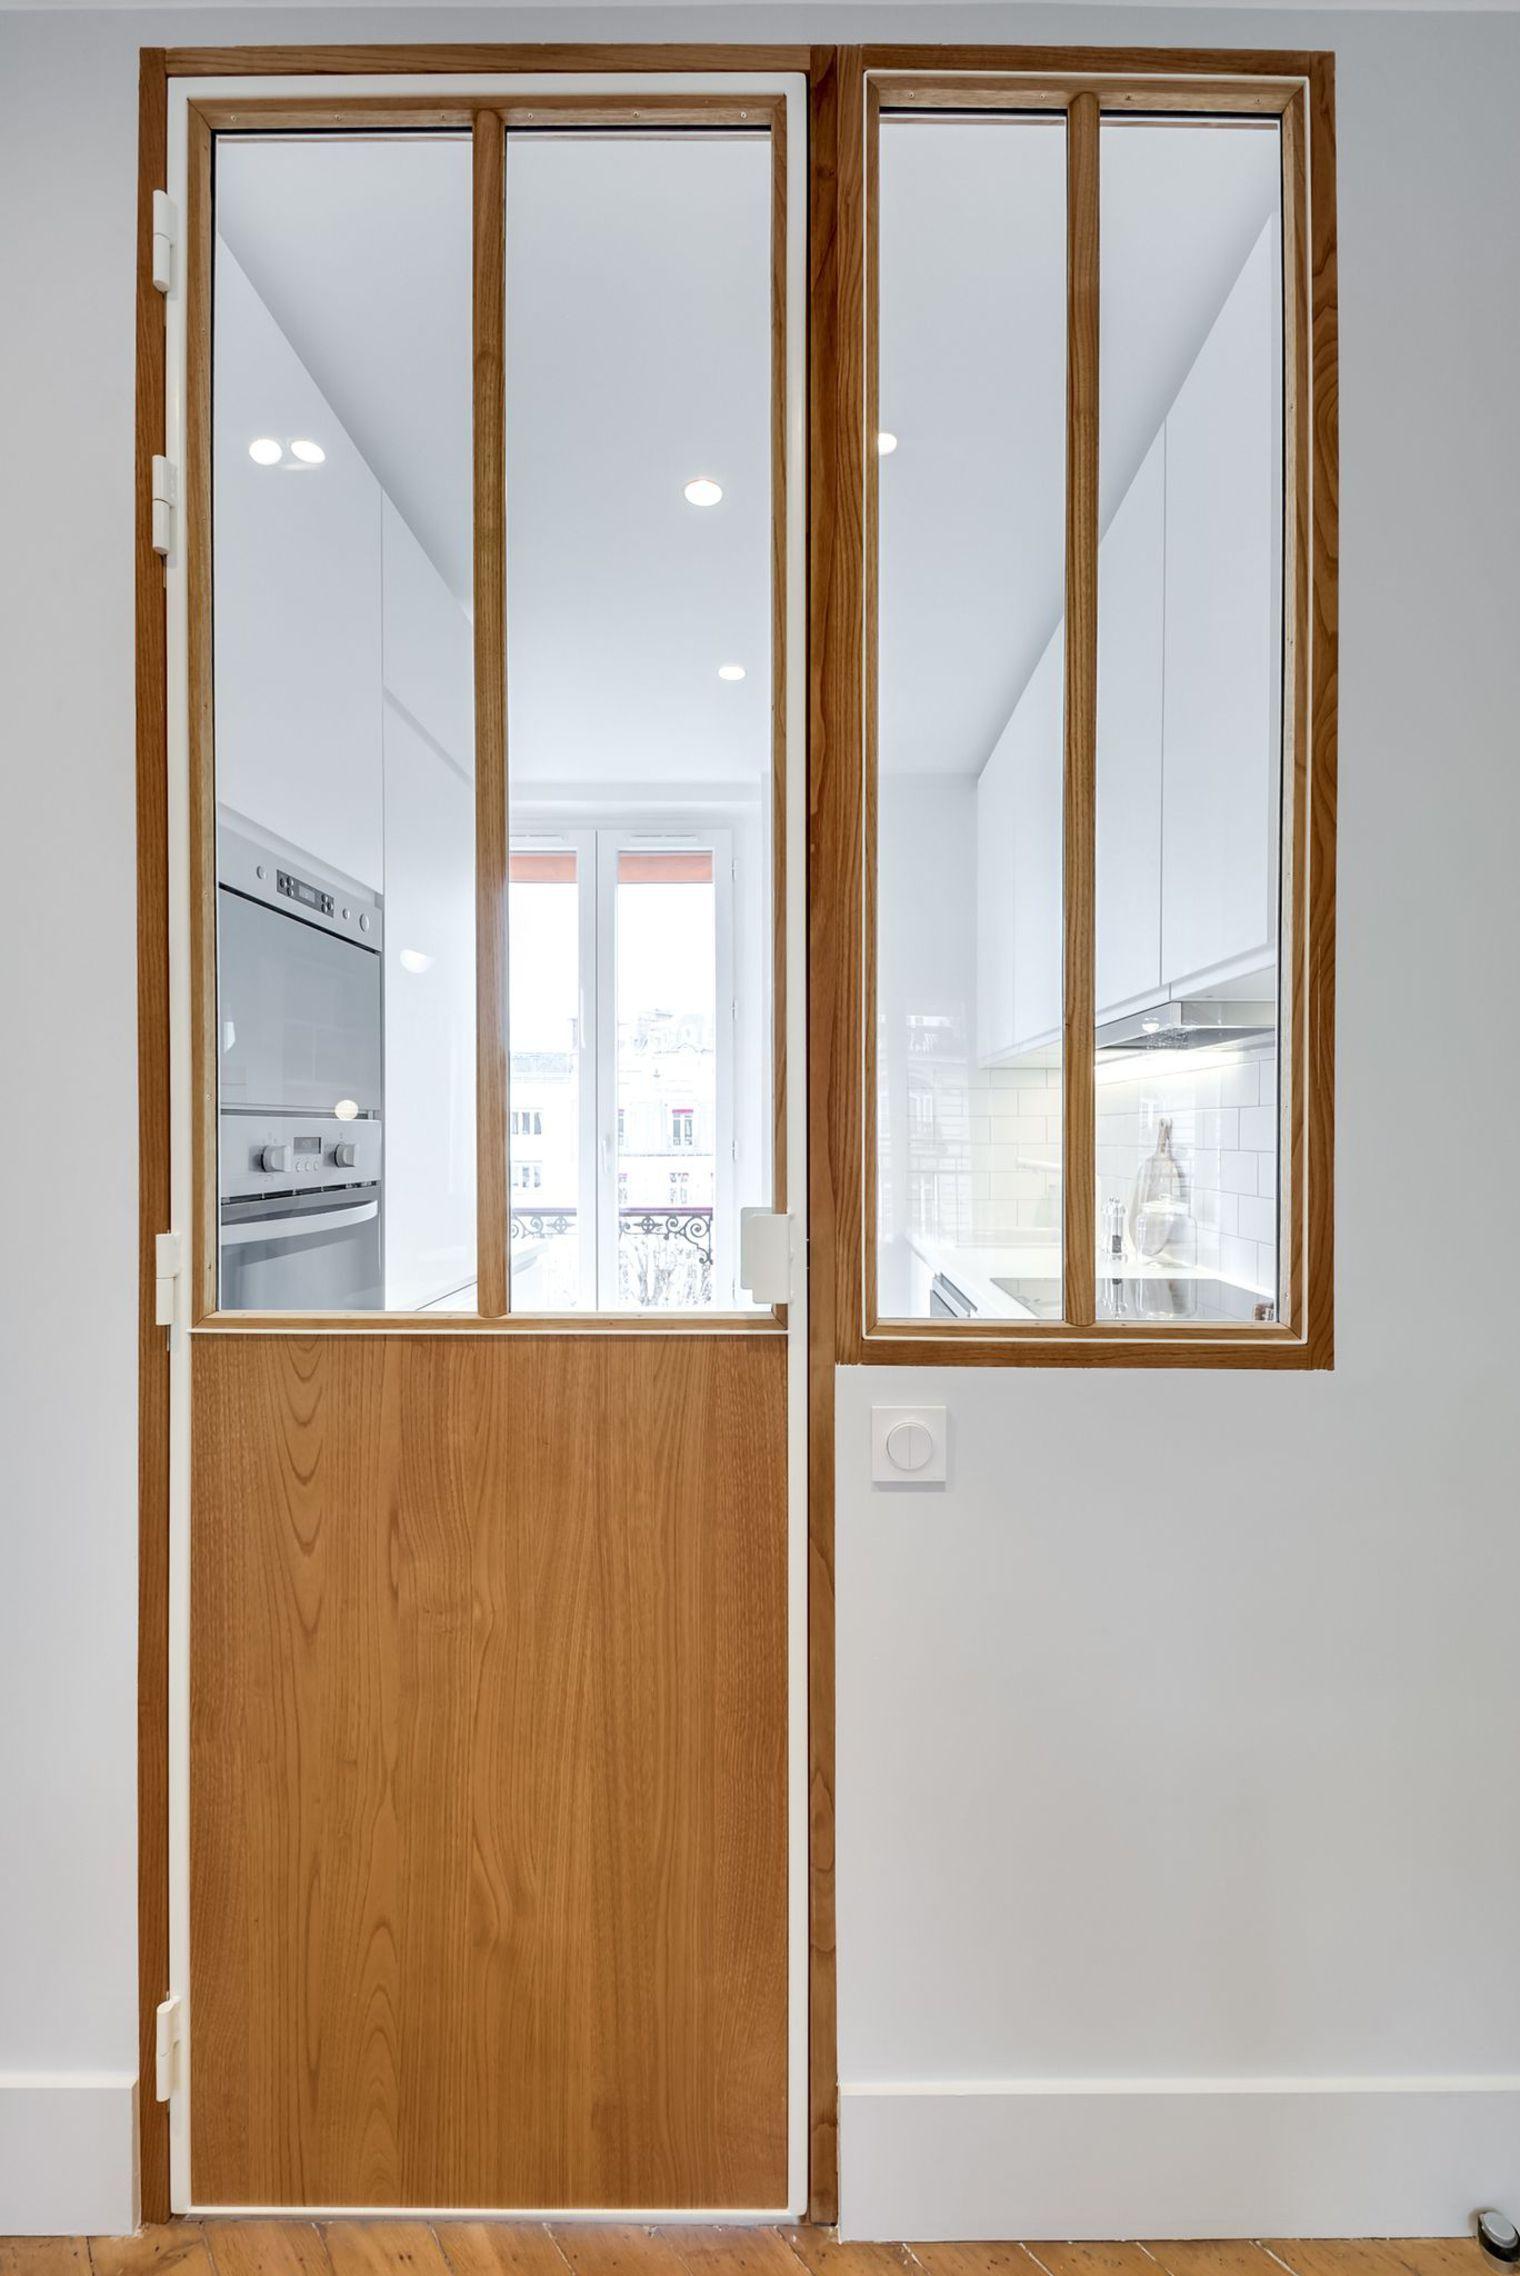 Decoration Porte Interieur Baguette cette verrière soulignée de blanc comporte une porte en bois